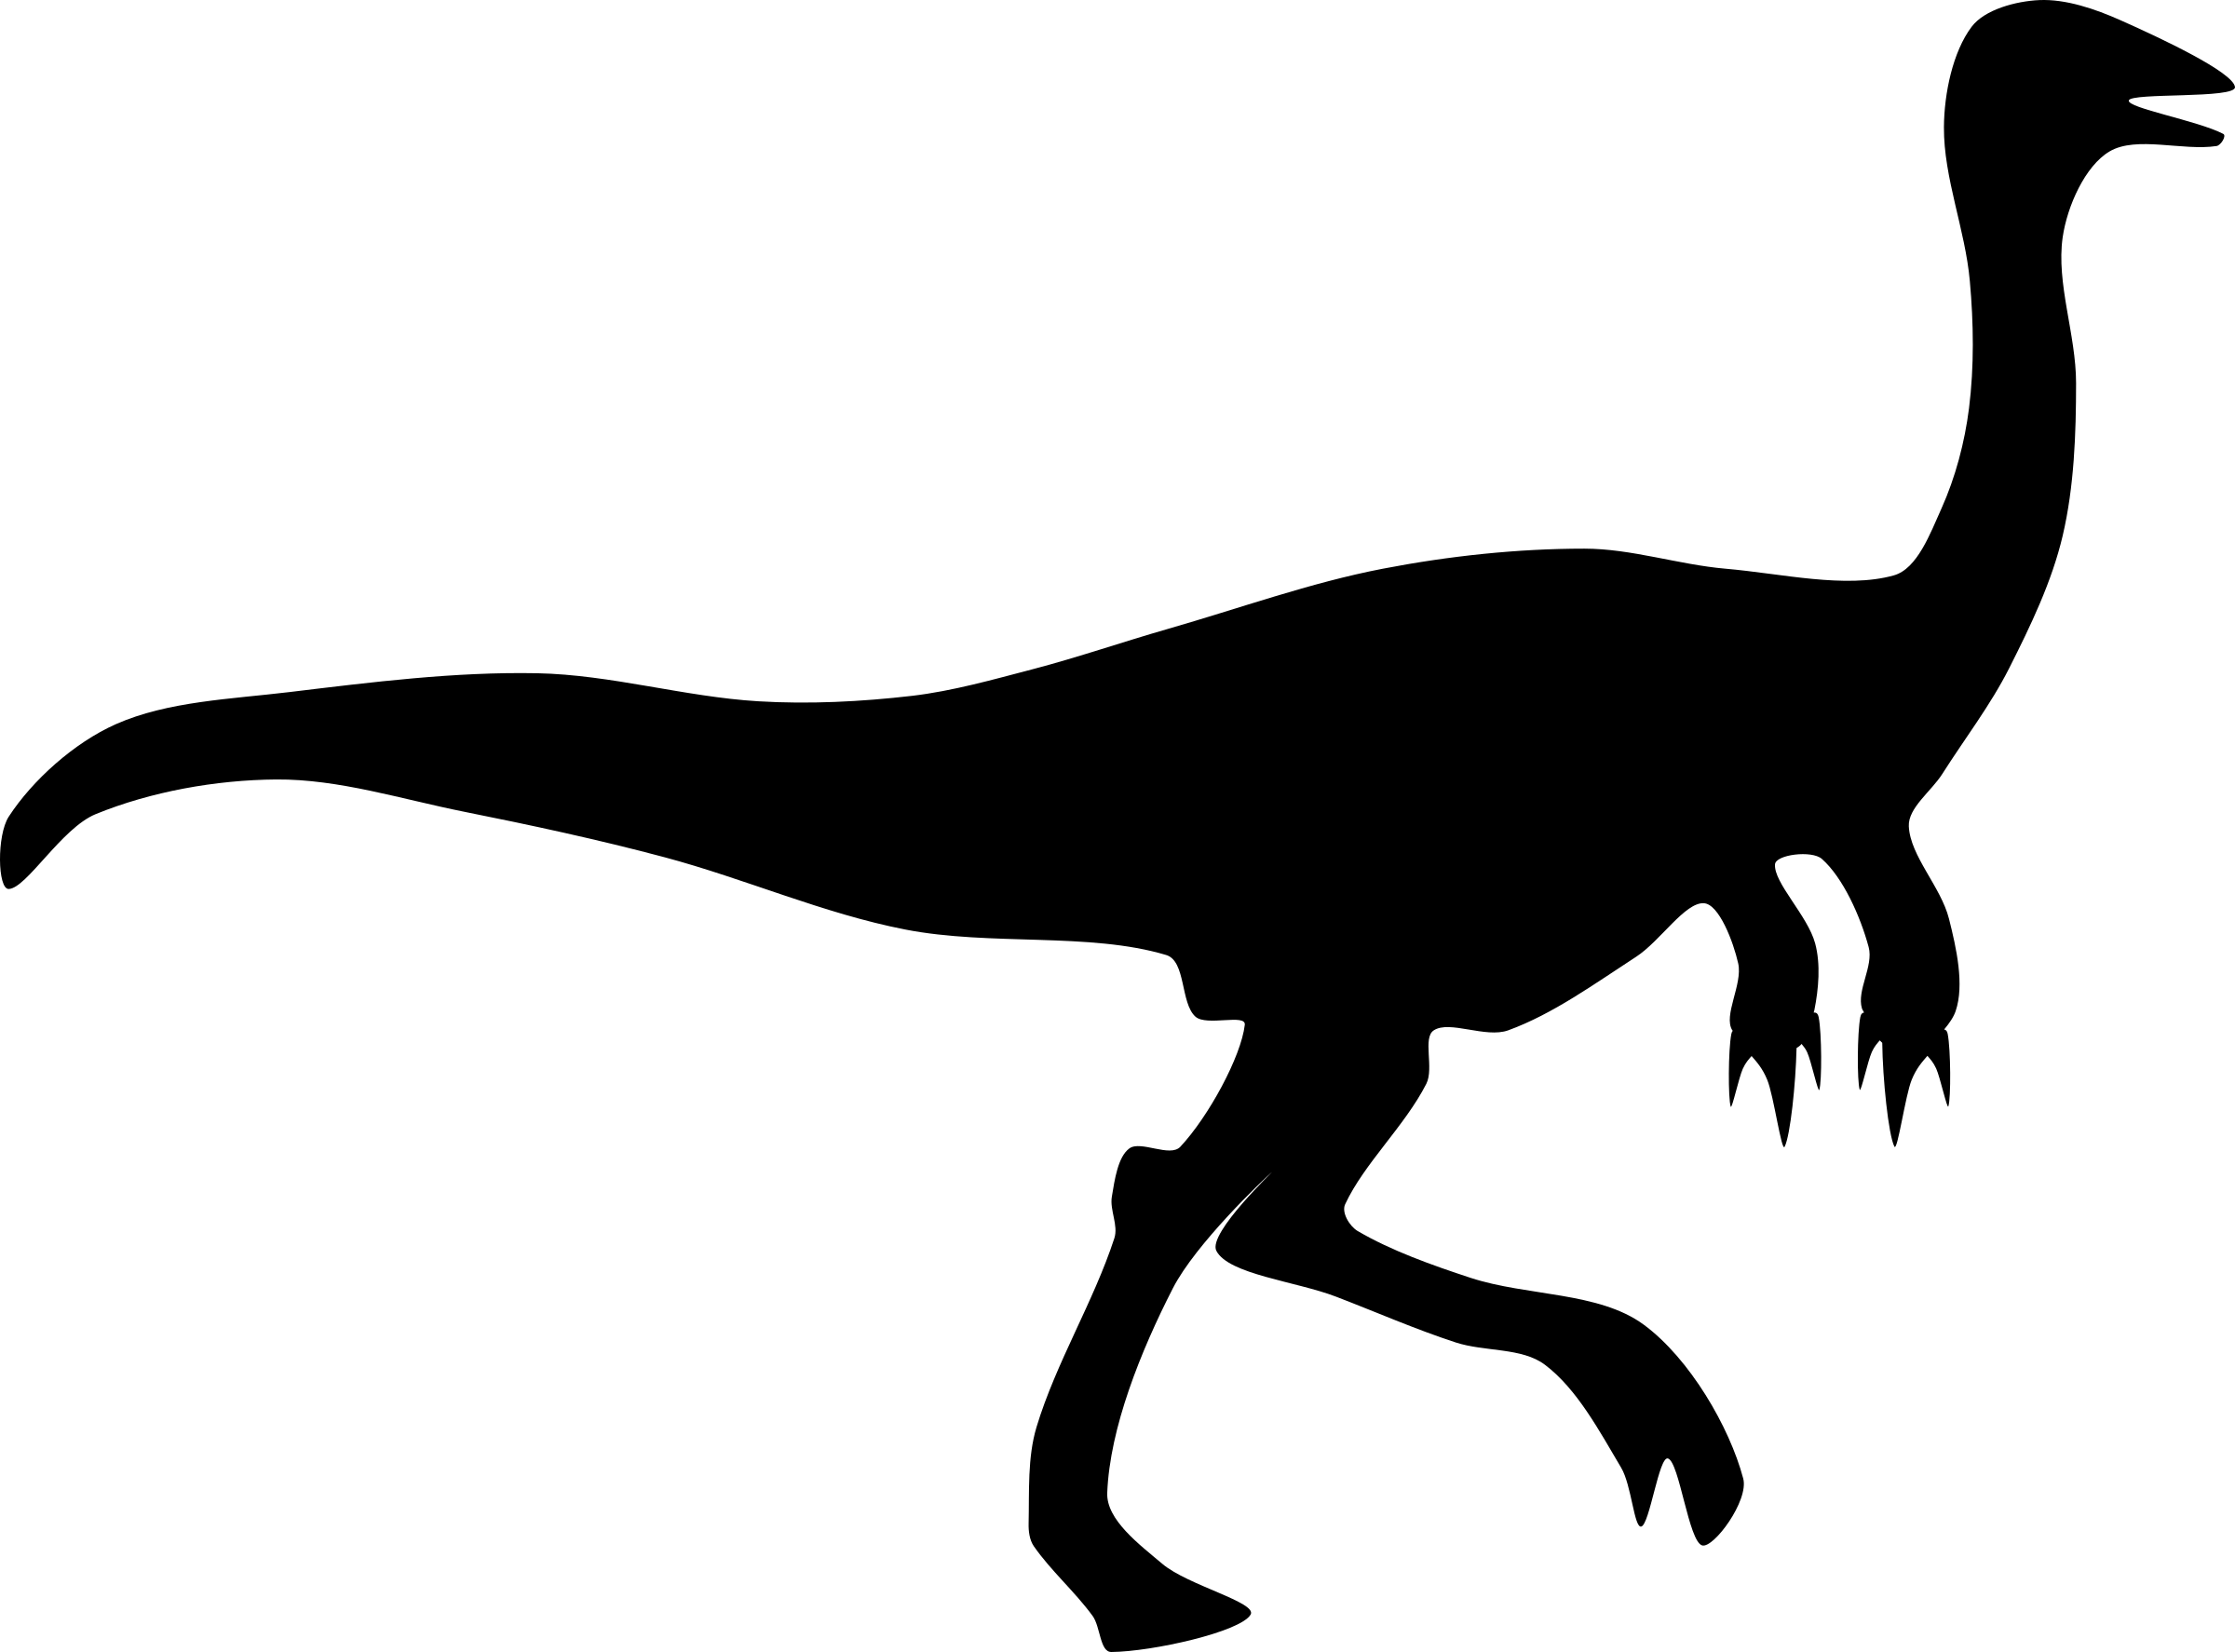 Gallimimus mois r big. Clipart dinosaur shadow